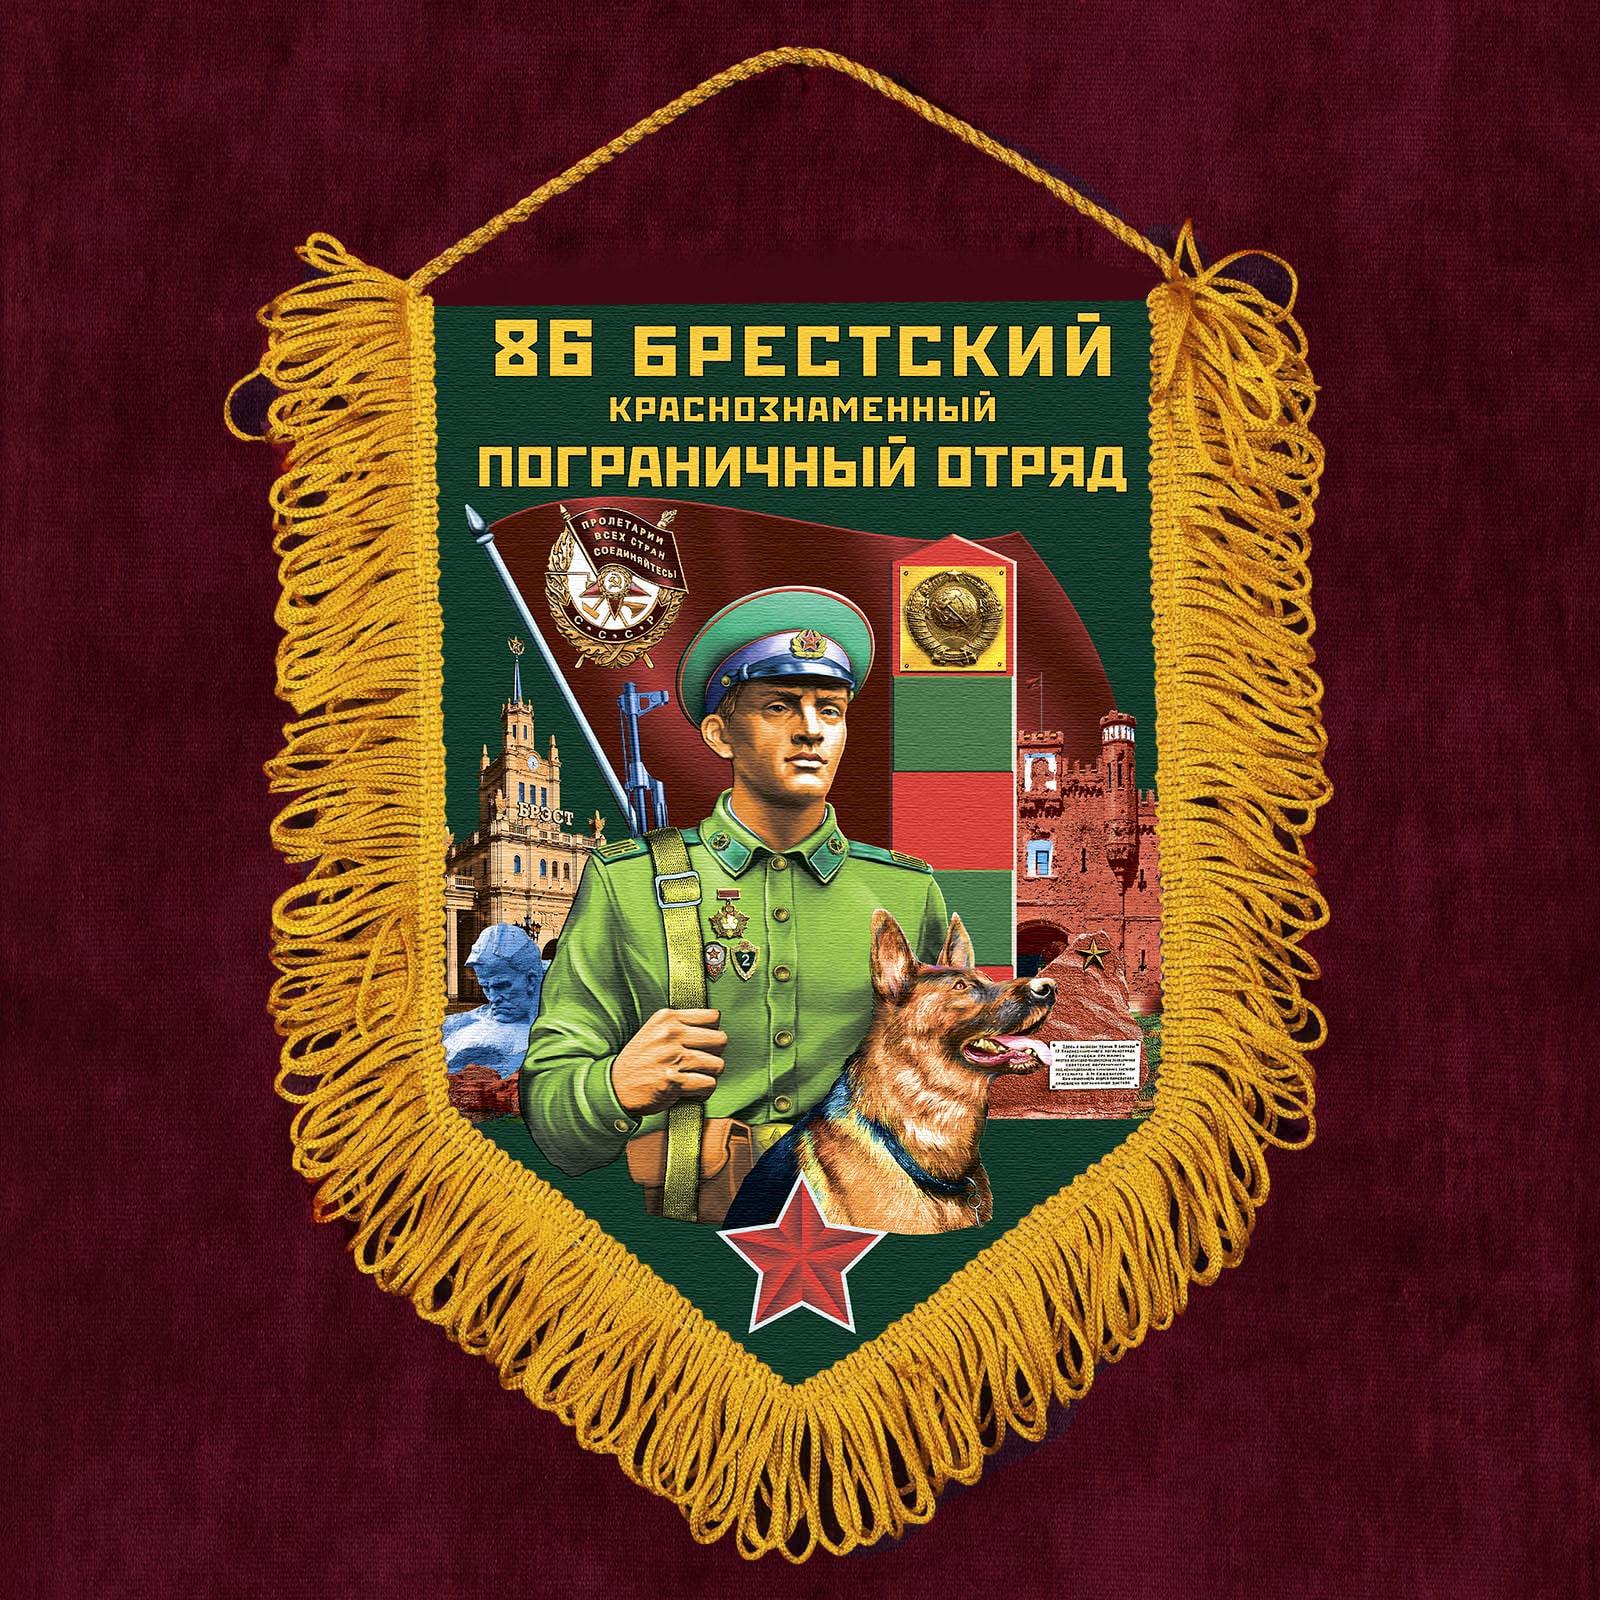 """Памятный вымпел """"86 Брестский пограничный отряд"""""""